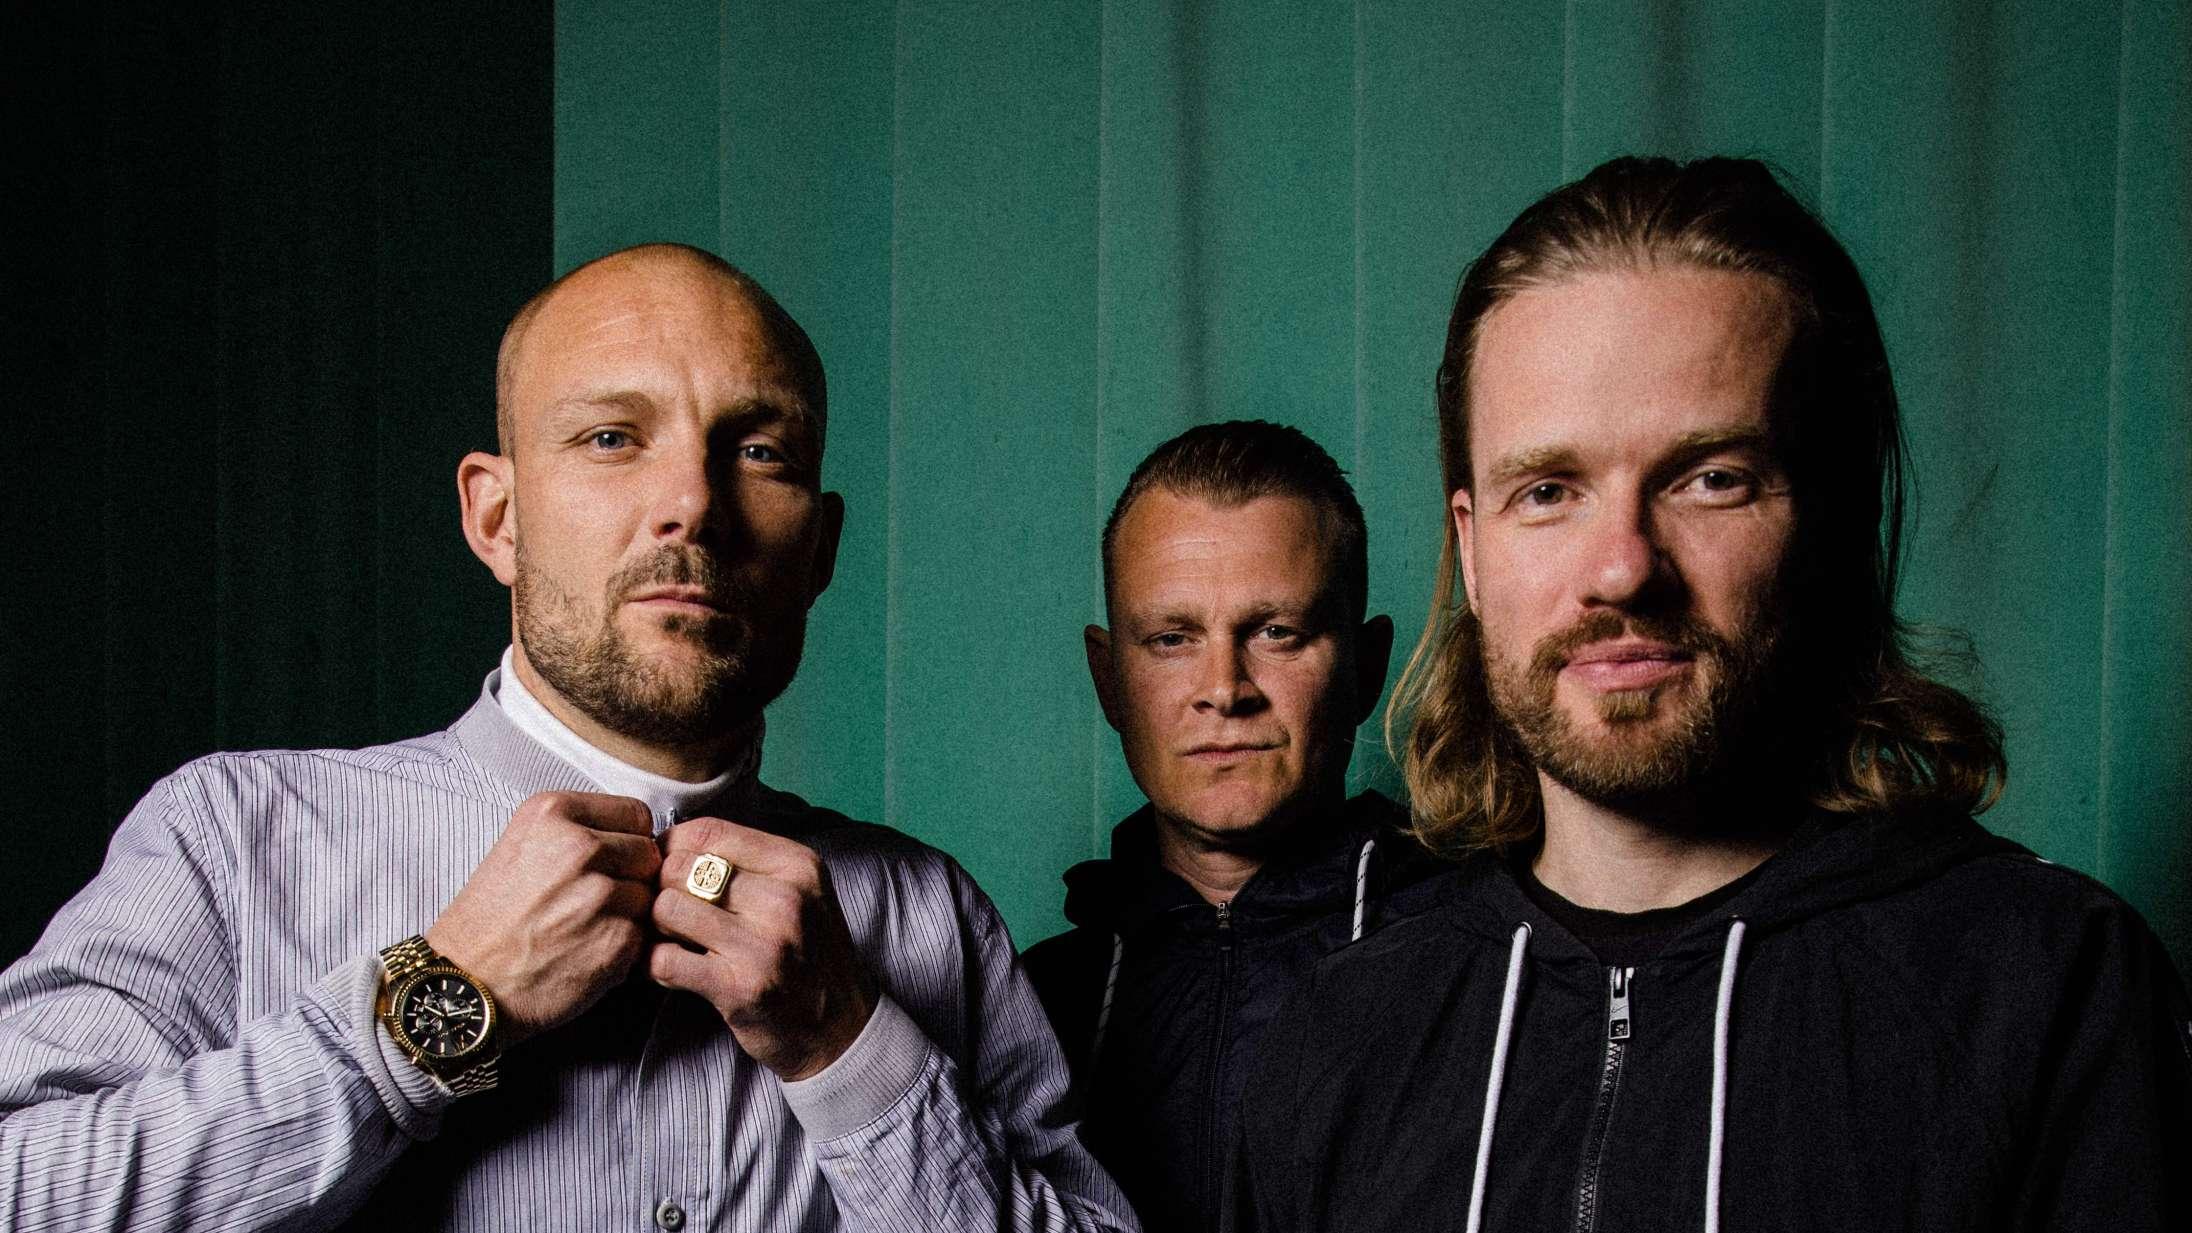 Kom til digital 'Roskilde-koncert' med Suspekt i aften